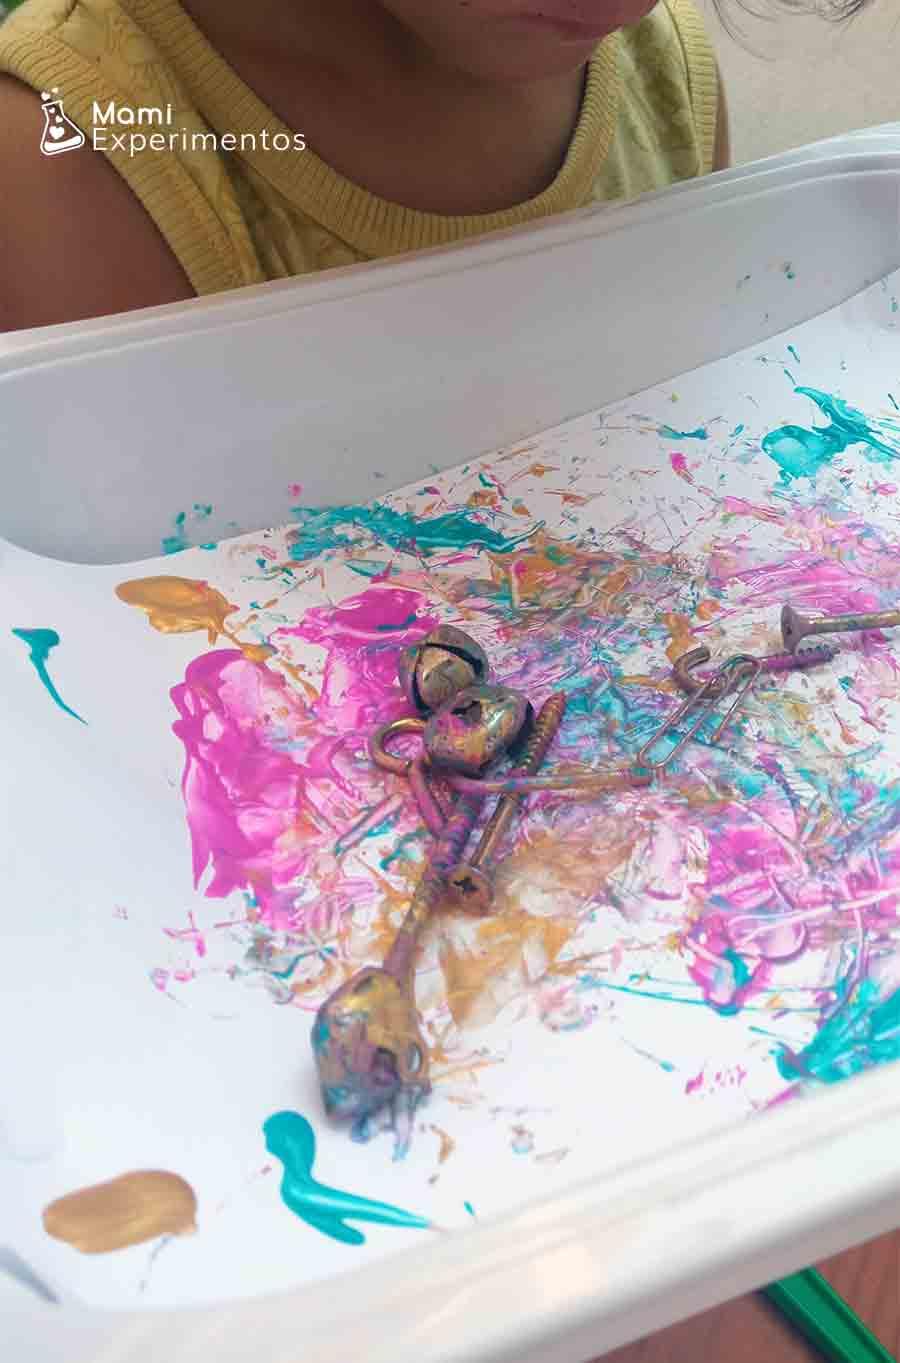 Tornillos pintando en bandeja movido por varita magnética arte con imanes